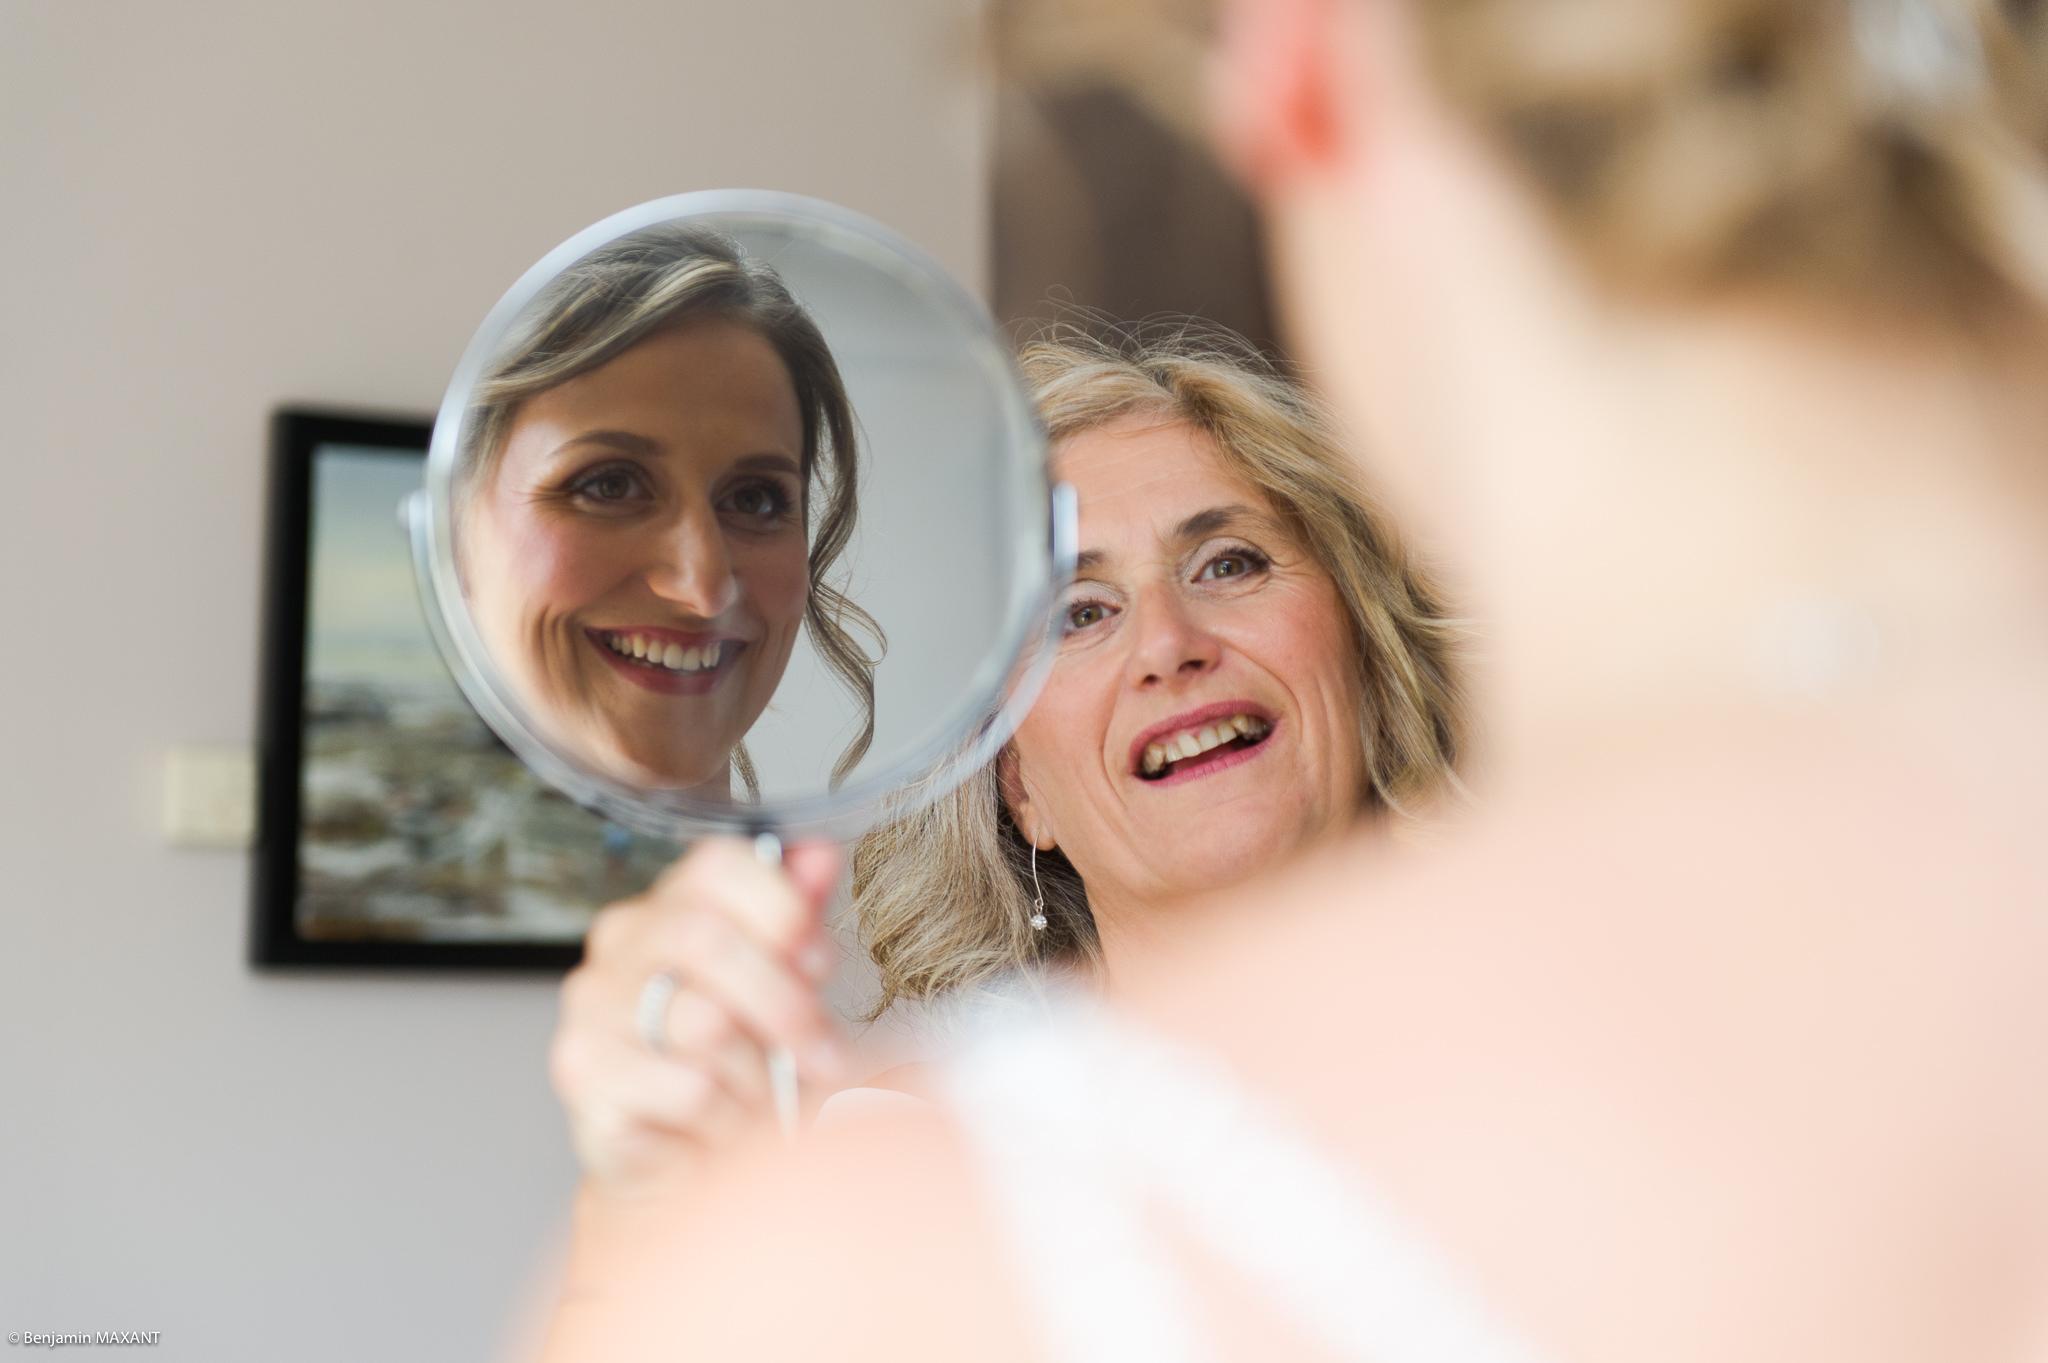 La maman de la mariée qui lui montre le miroir